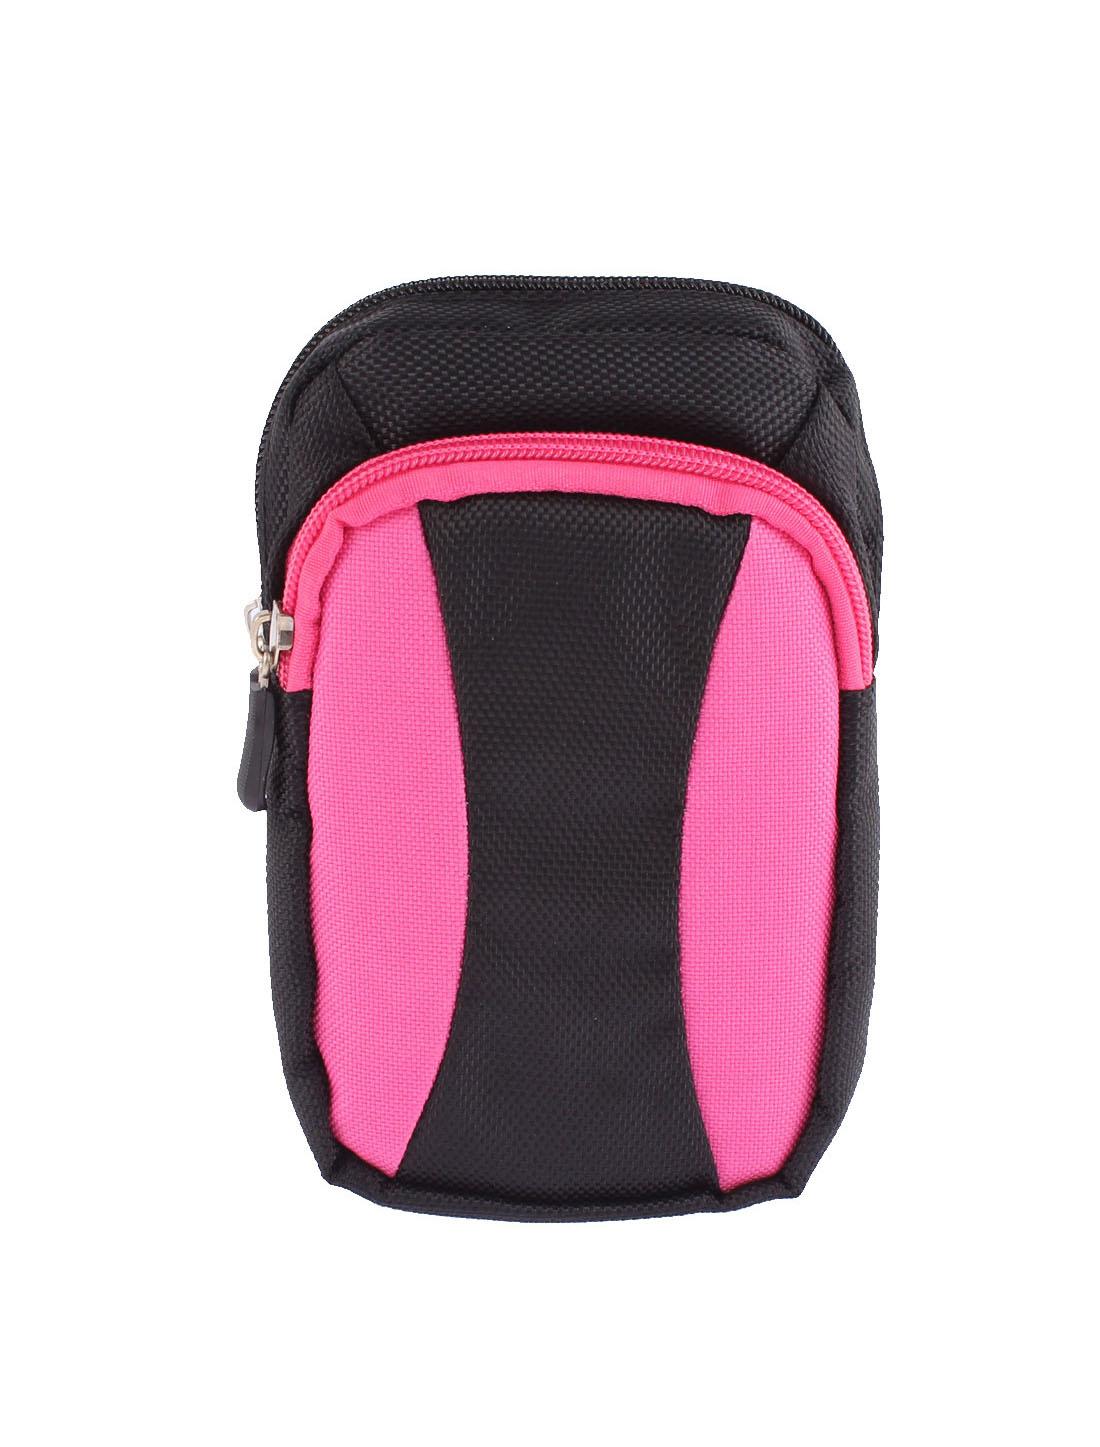 Causal Zip Up Money Phone MP3 Holder Waist Belt Pack Bag Wallet Purse Pink